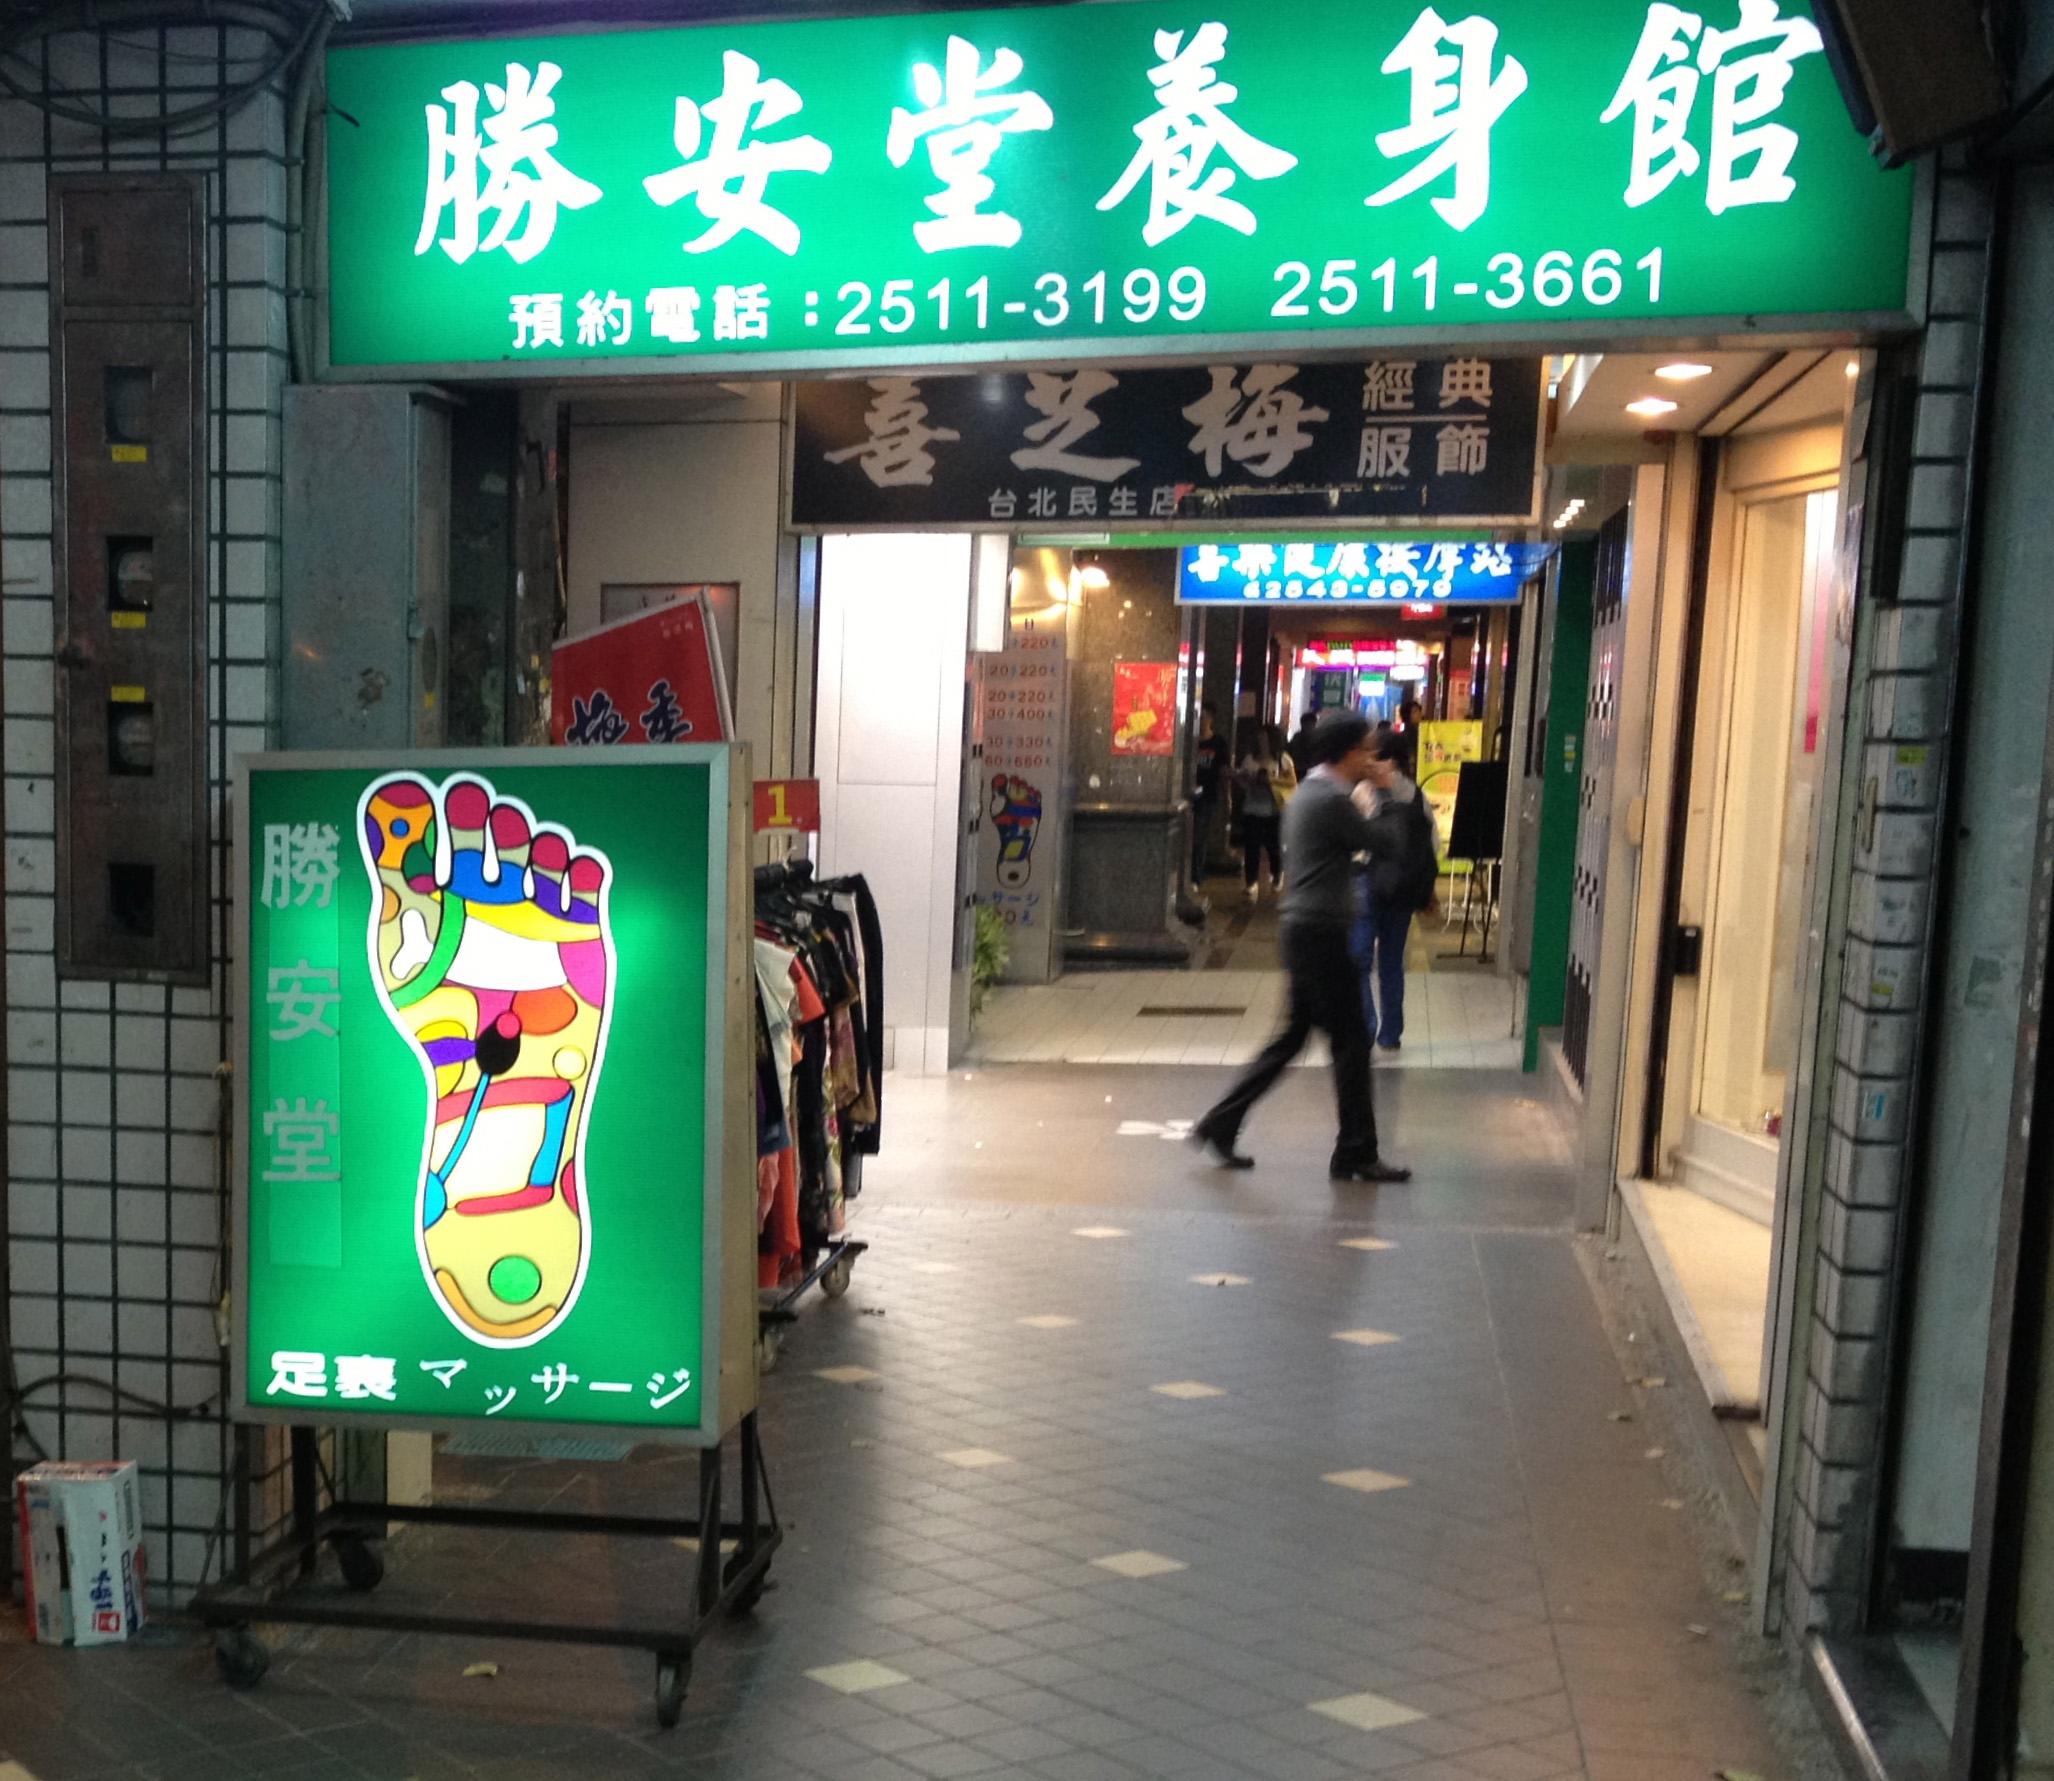 Taiwan Escort Taipei Massage Erotic Young Girls Wait For You Taichung